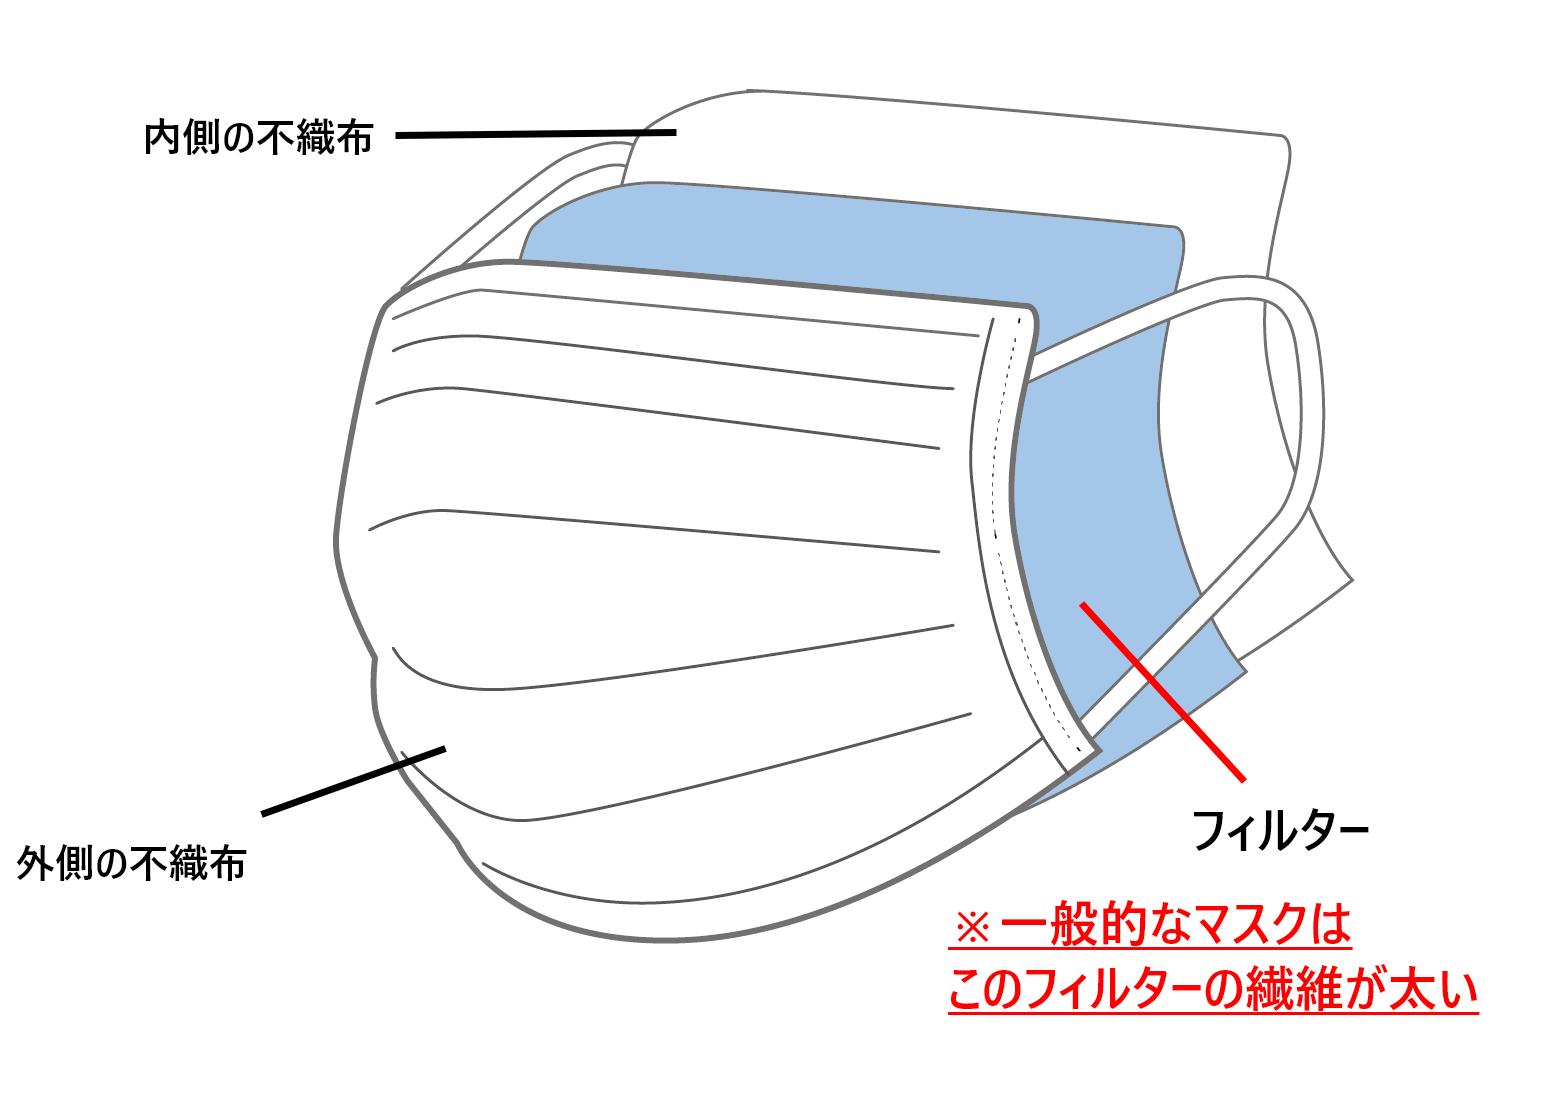 一般的な不織布マスクの構造